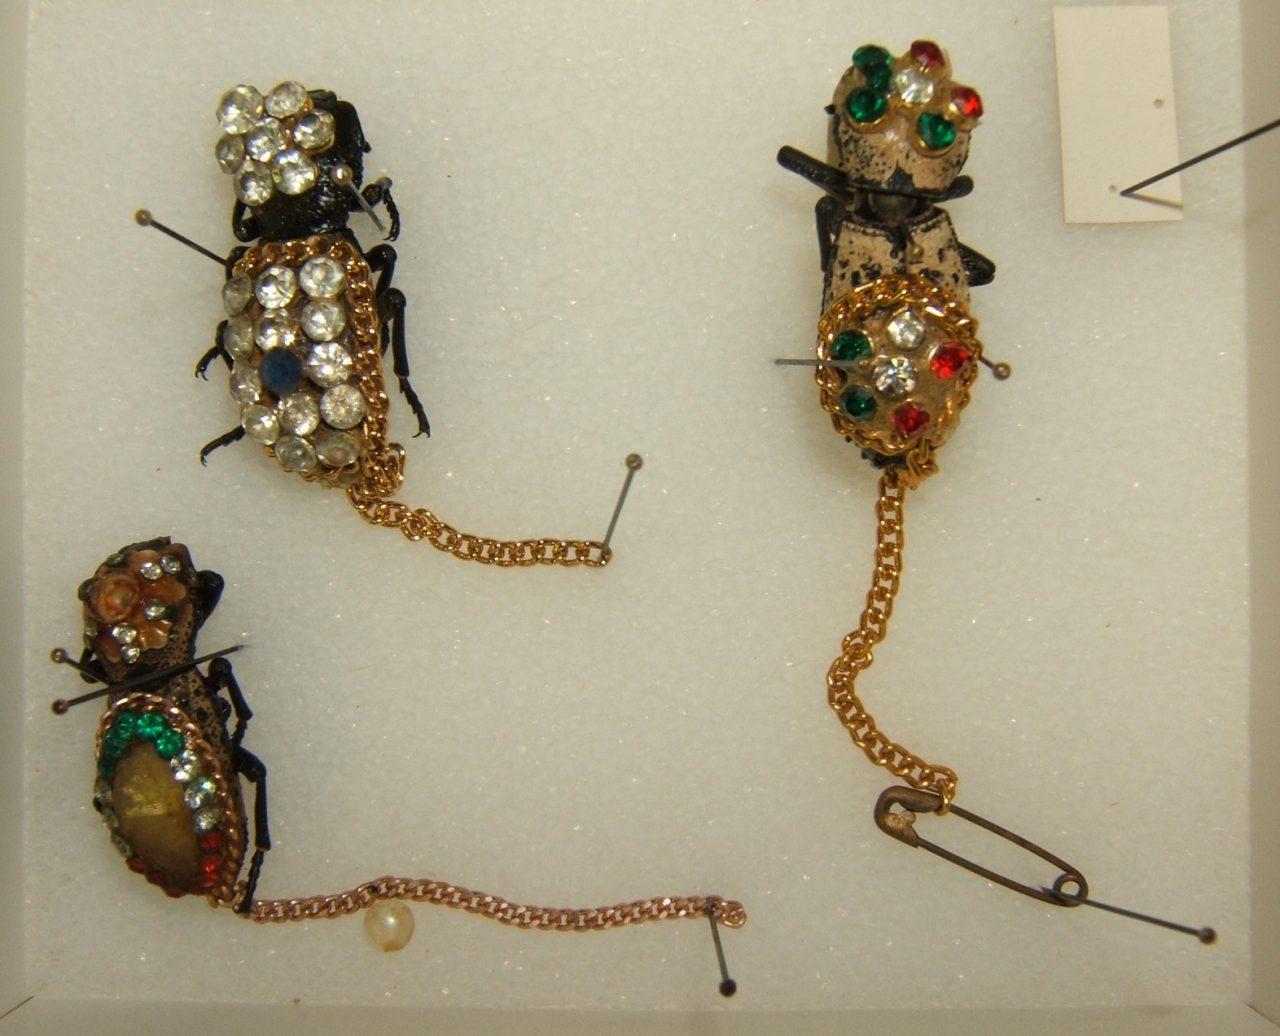 Fotografía de Shawn Hanrahan, Universidad de Texas A & M colección de insectos en College Station, Texas. Este archivo se encuentra bajo la licencia Creative Commons.